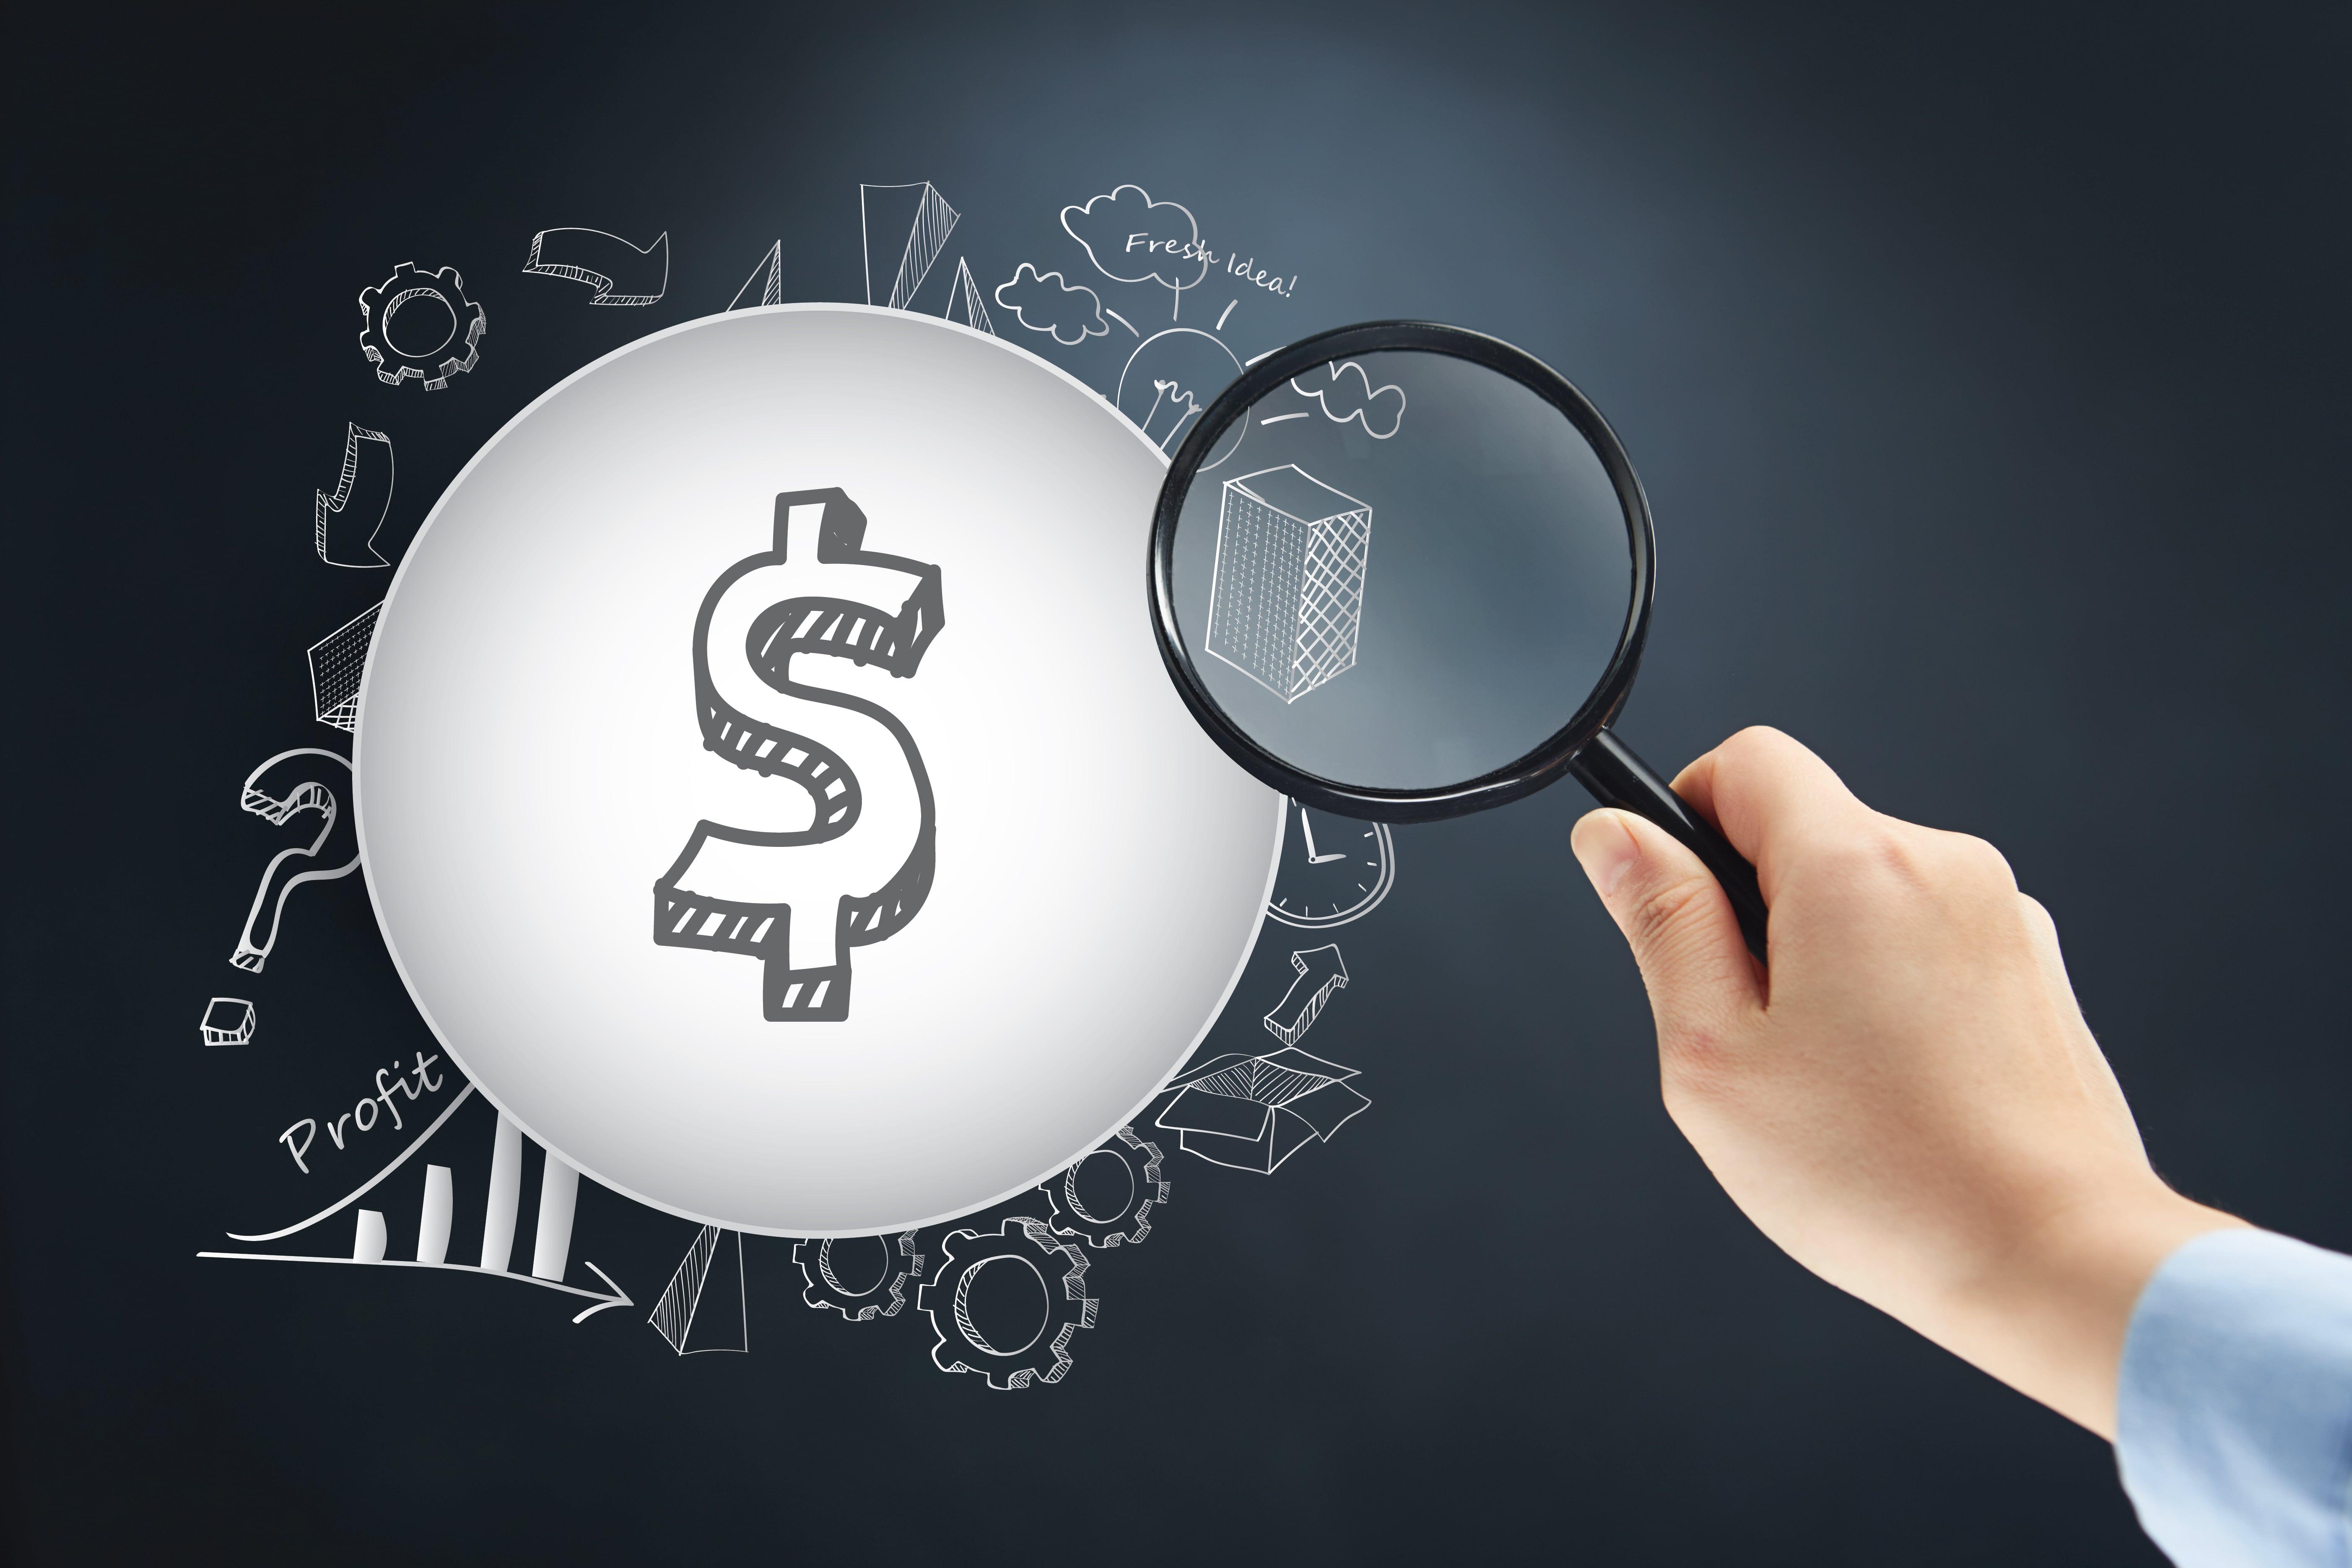 הלוואה בערבות המדינה – איך לבחור עם מי לעבוד עליה?